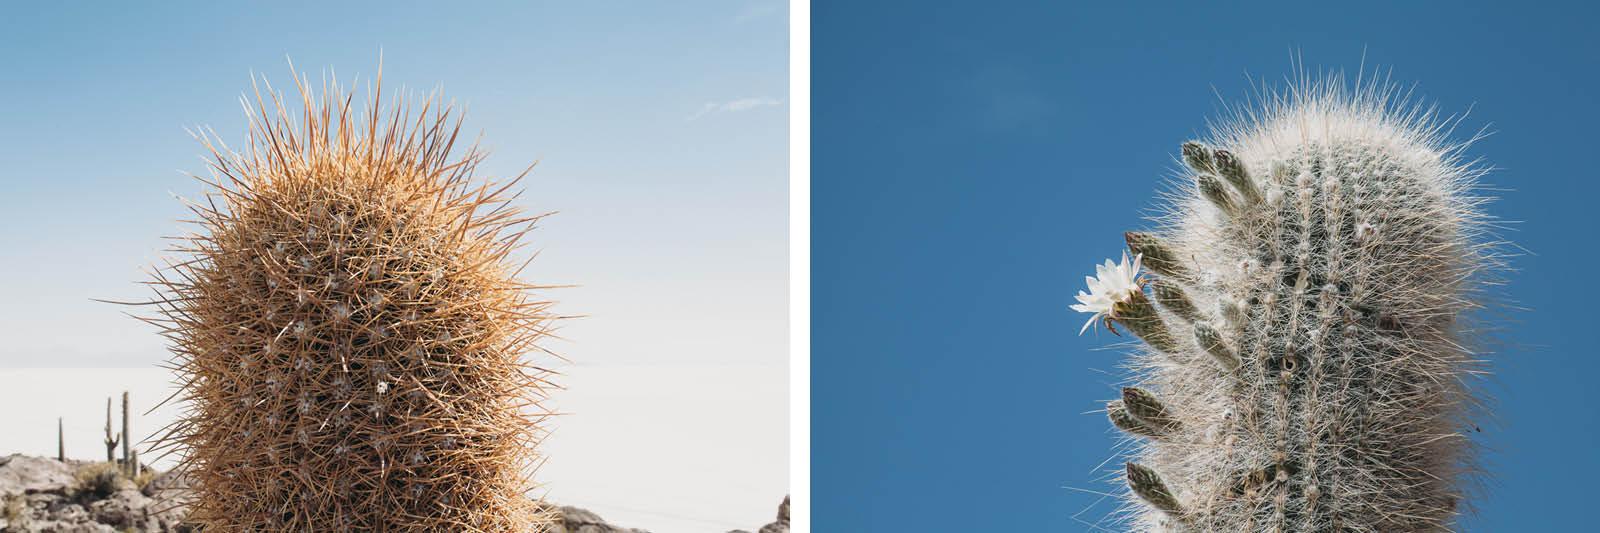 Evabloem-Salar-de-Uyuni_Bolivia-00018.jpg